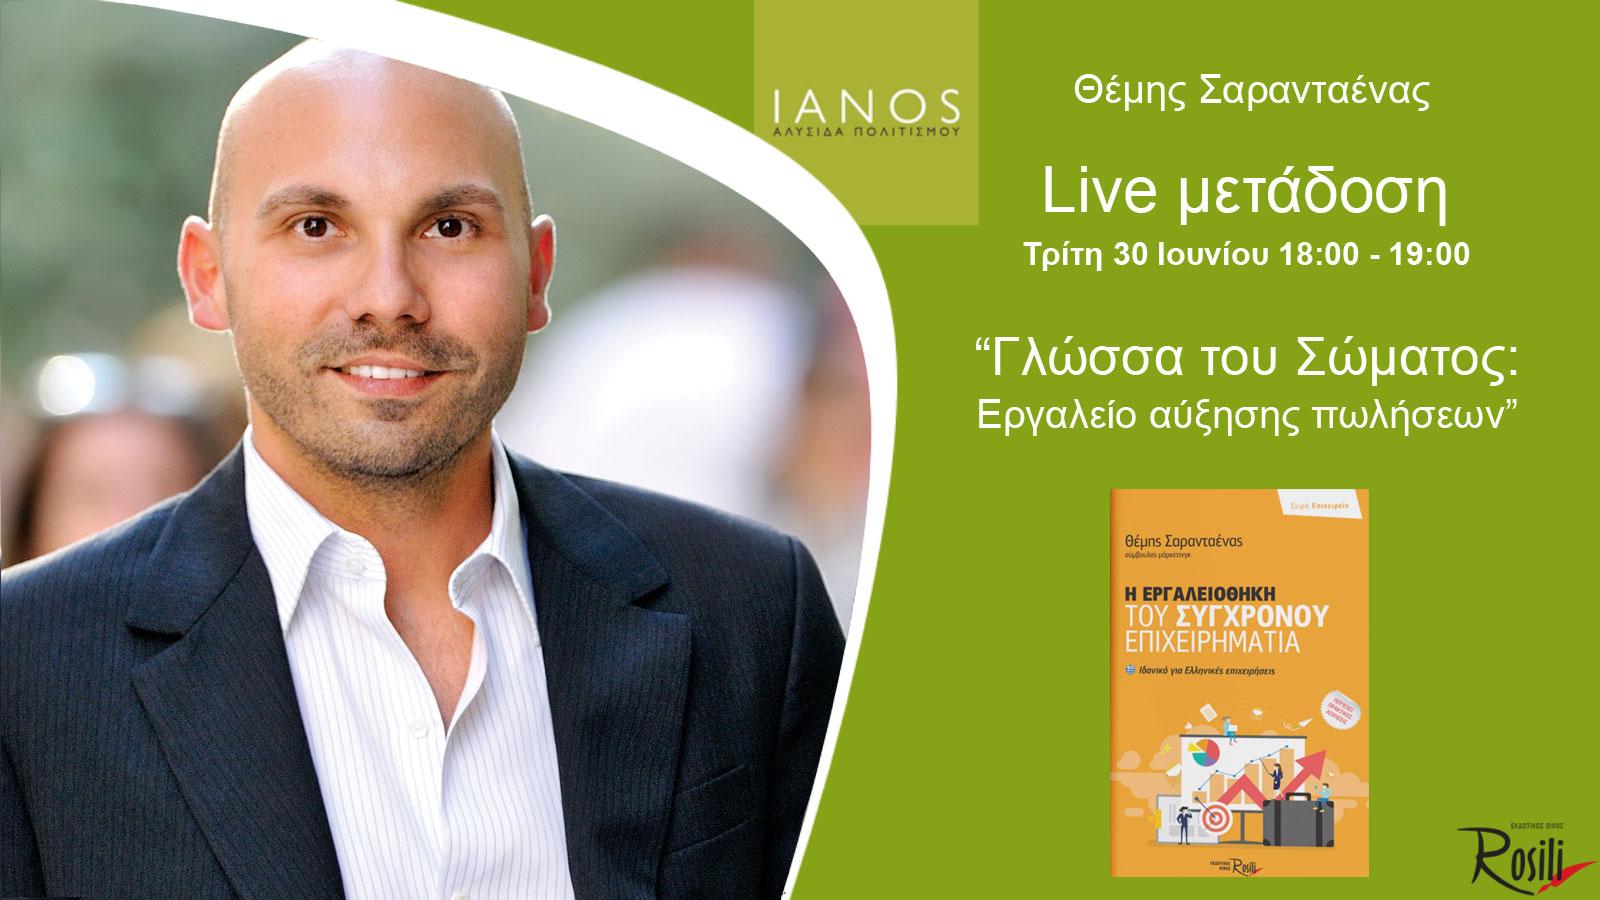 Διαδικτυακή live ομιλία του Θέμη Σαρανταένα | «Γλώσσα του σώματος: εργαλείο αύξησης των πωλήσεων»